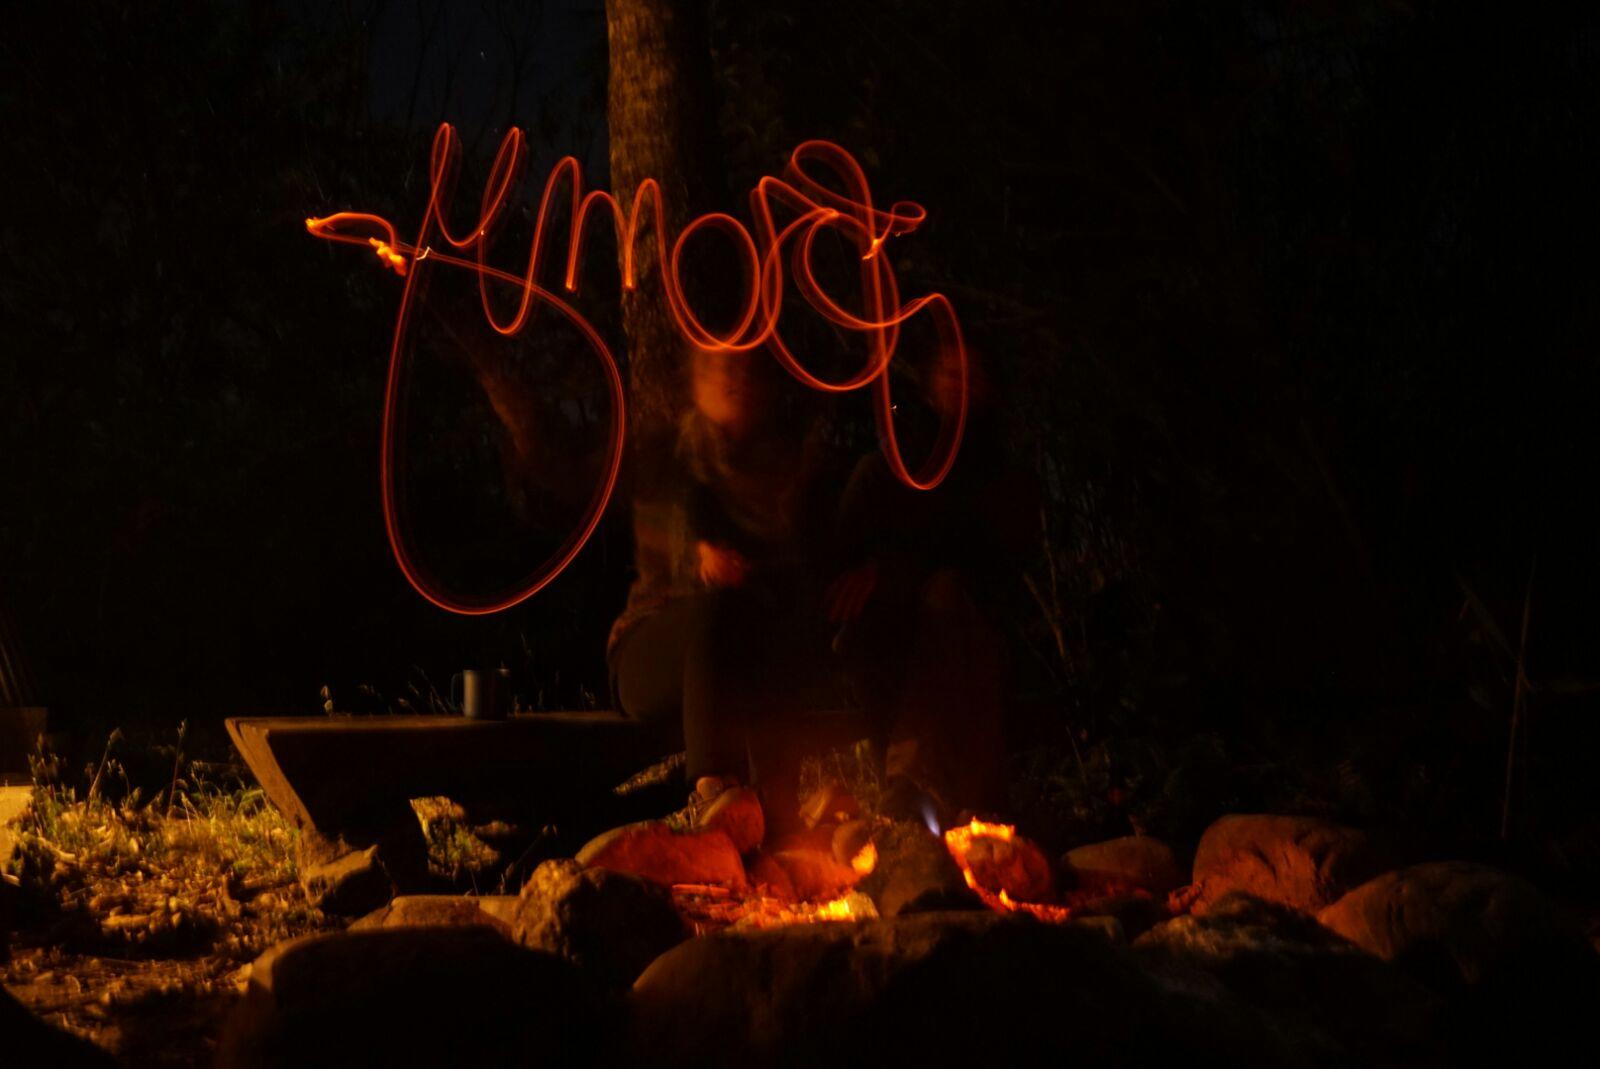 Essais d'écriture avec du feu